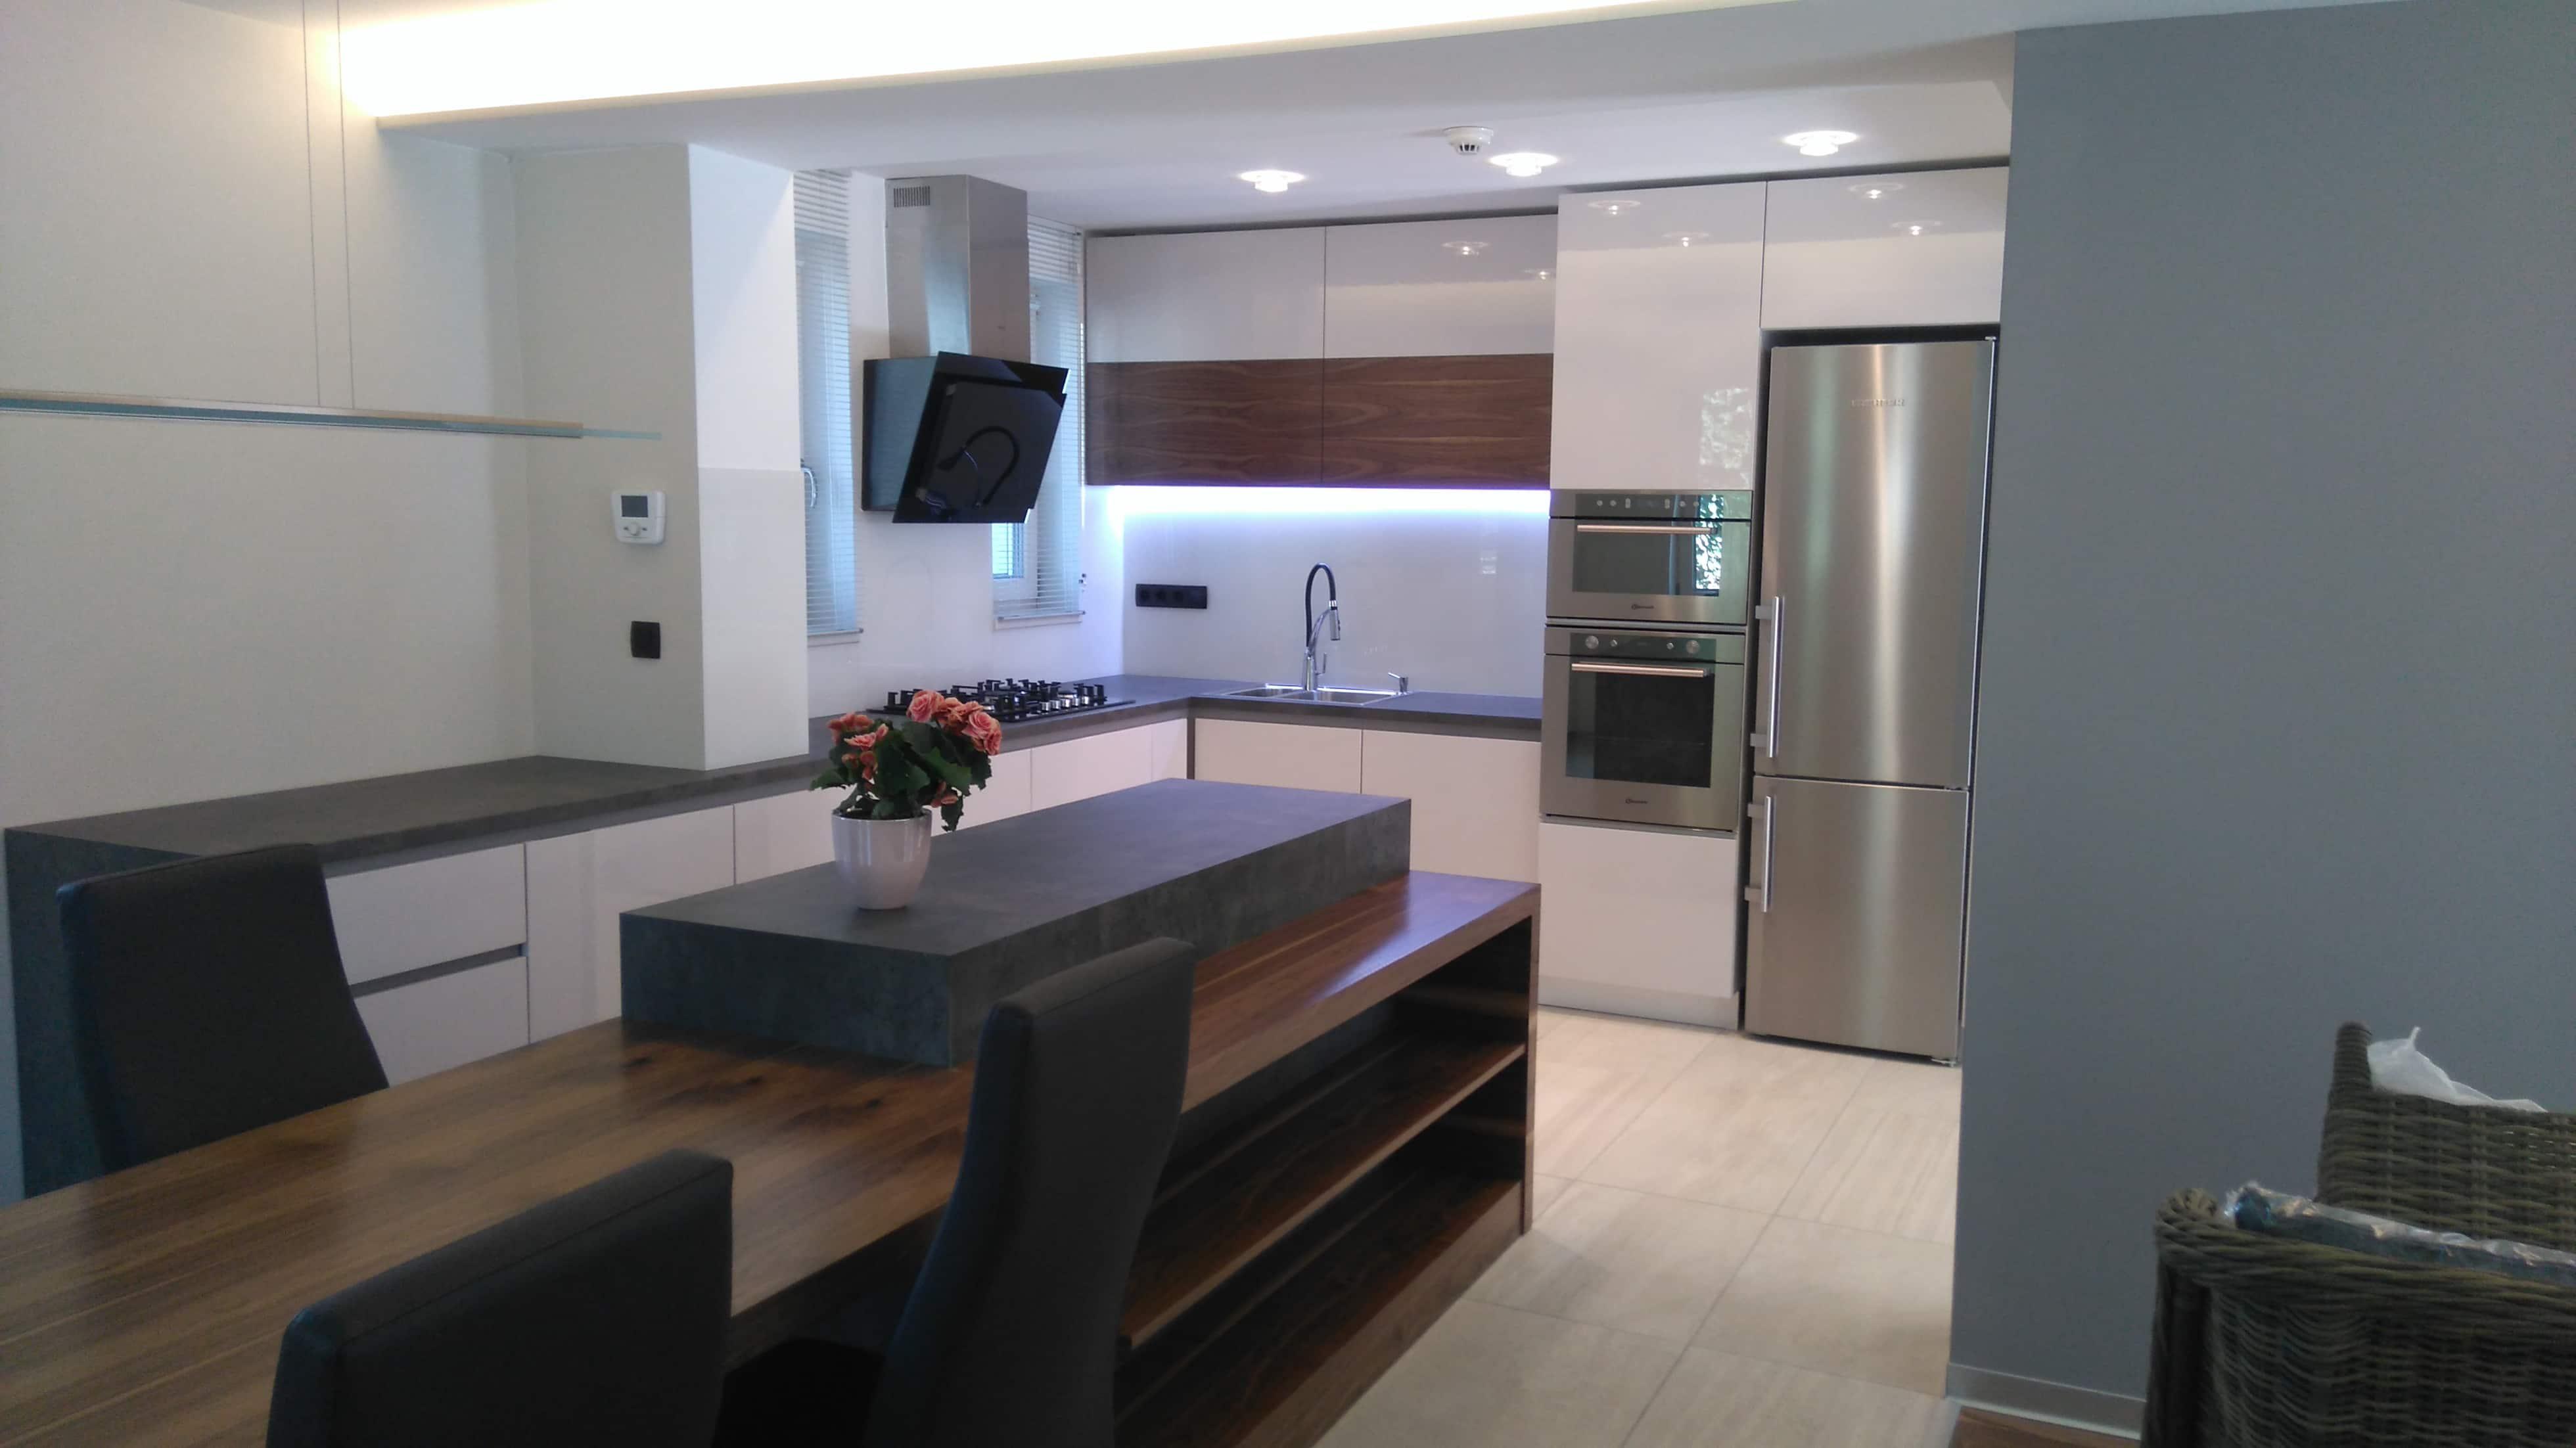 Nagyvonalú konyha - Magasfényű fehér / dió / beton kombináció